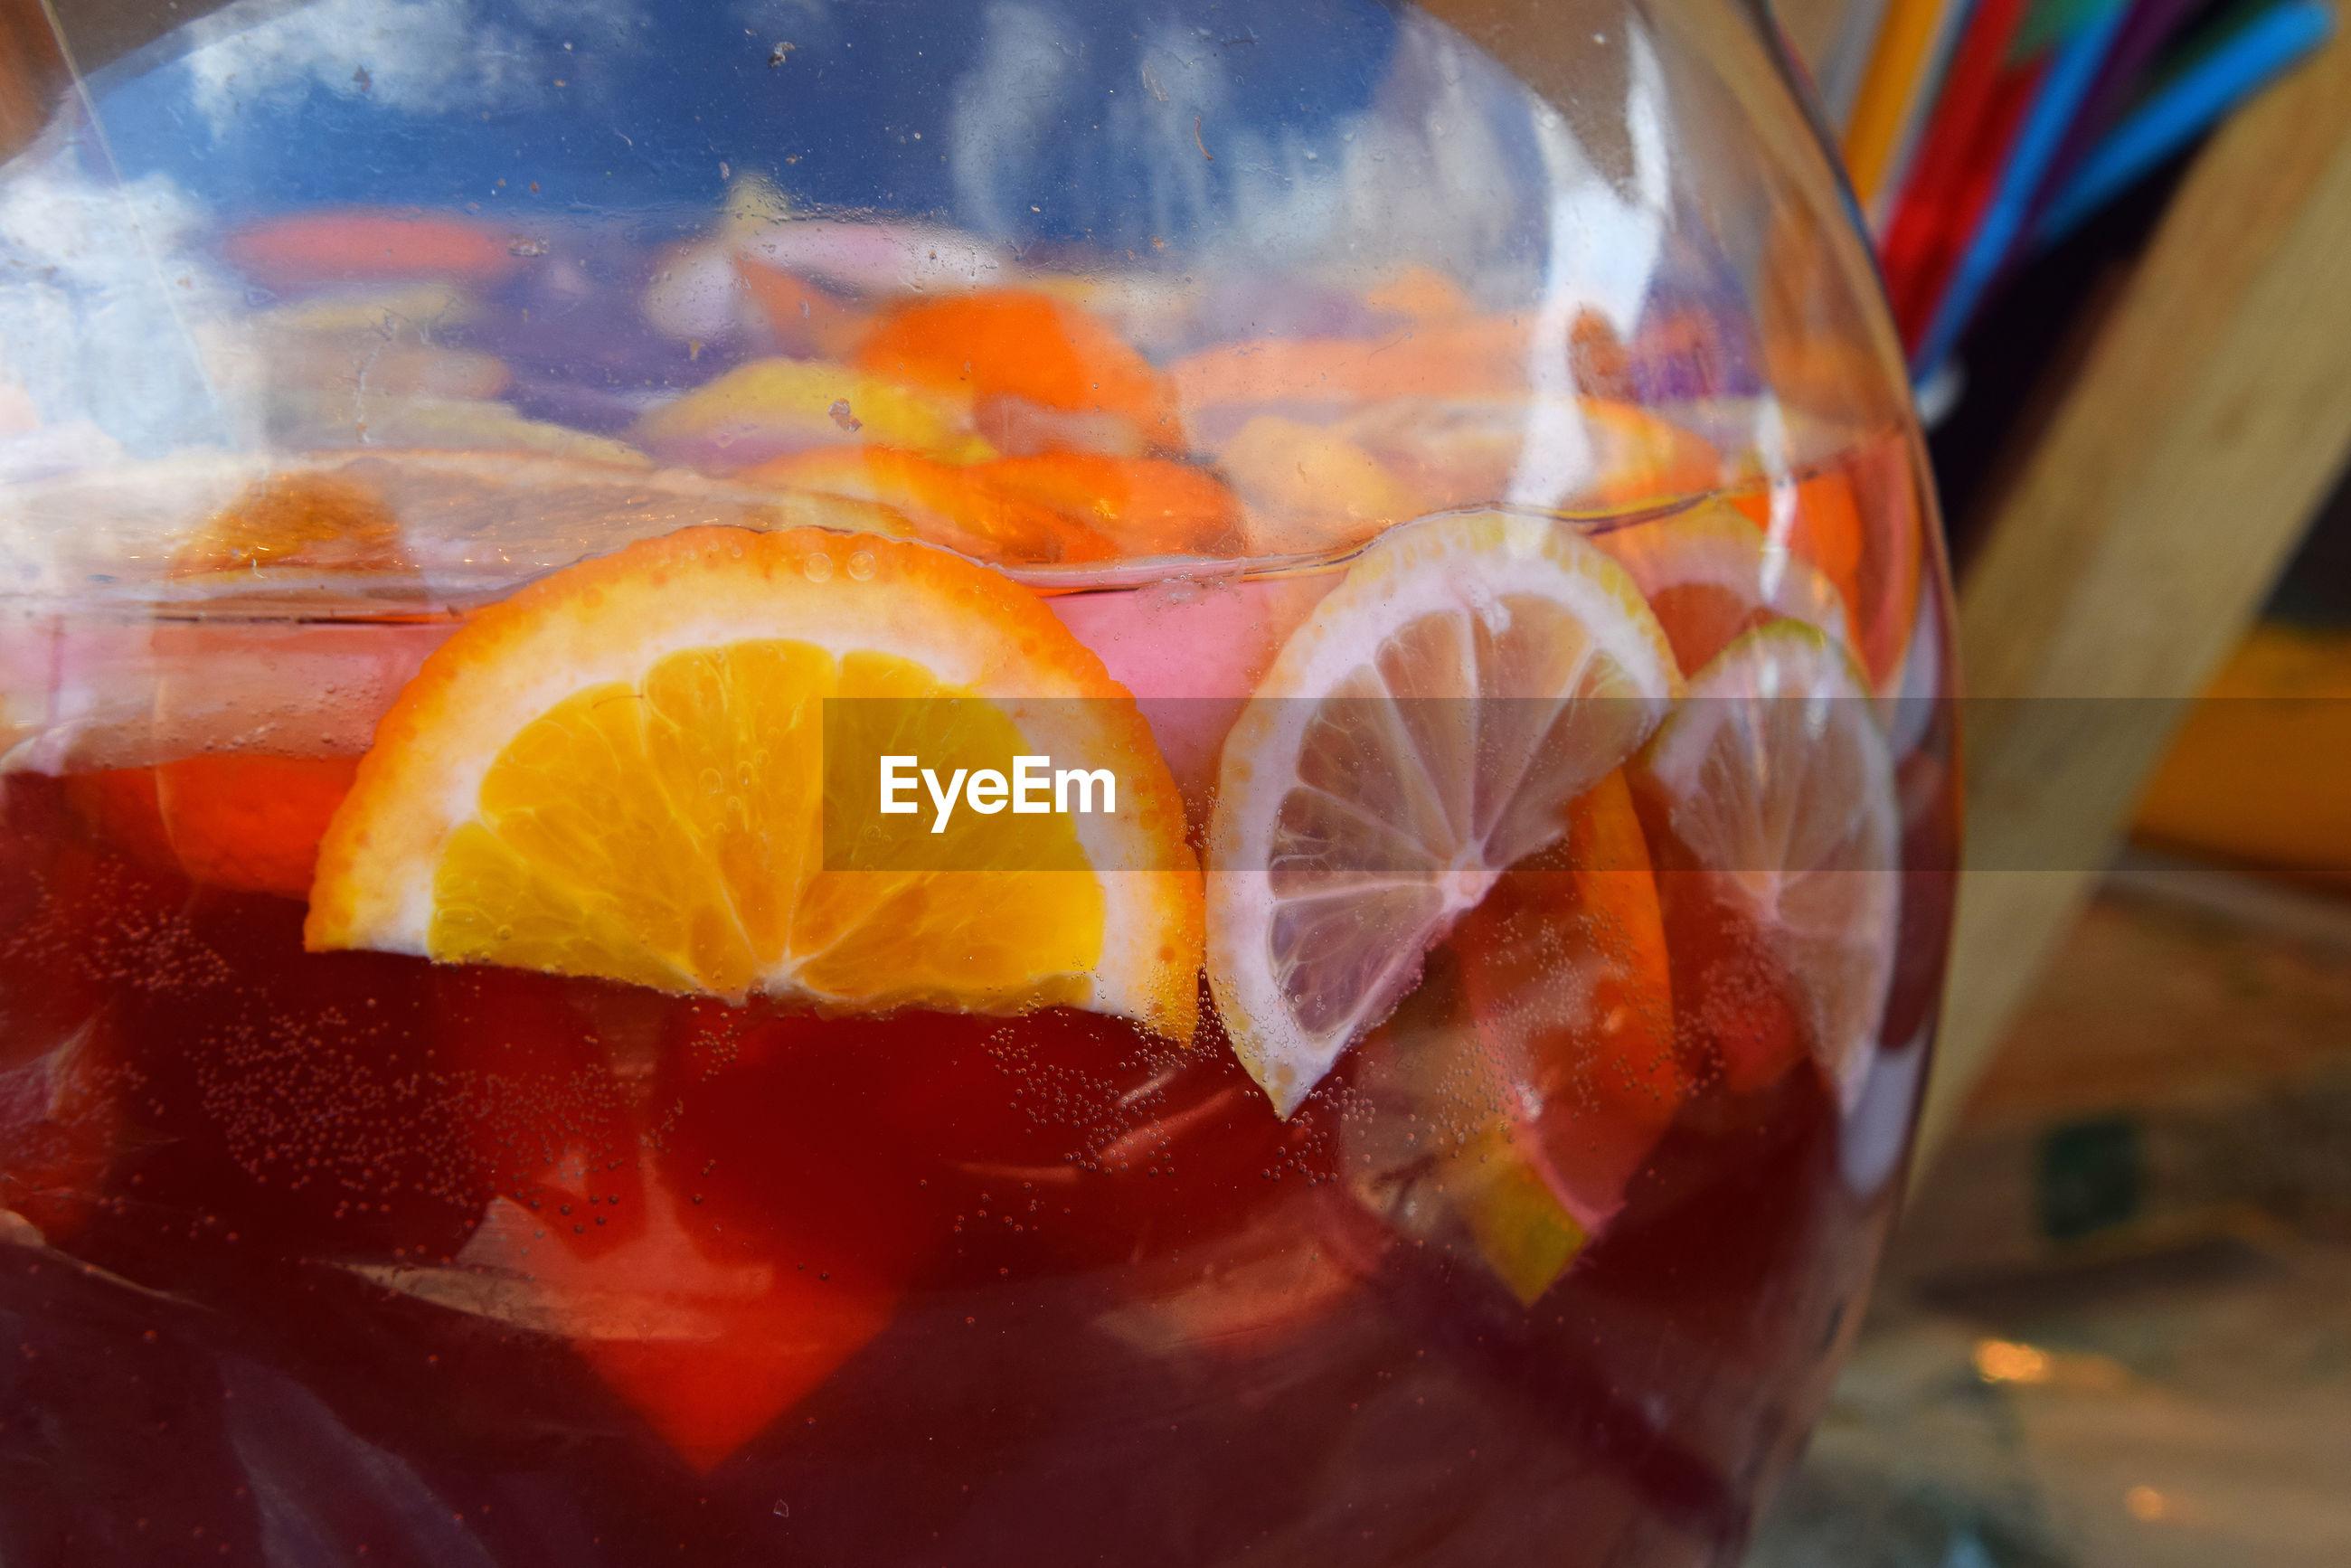 Close-up of slices of orange in homemade orangeade